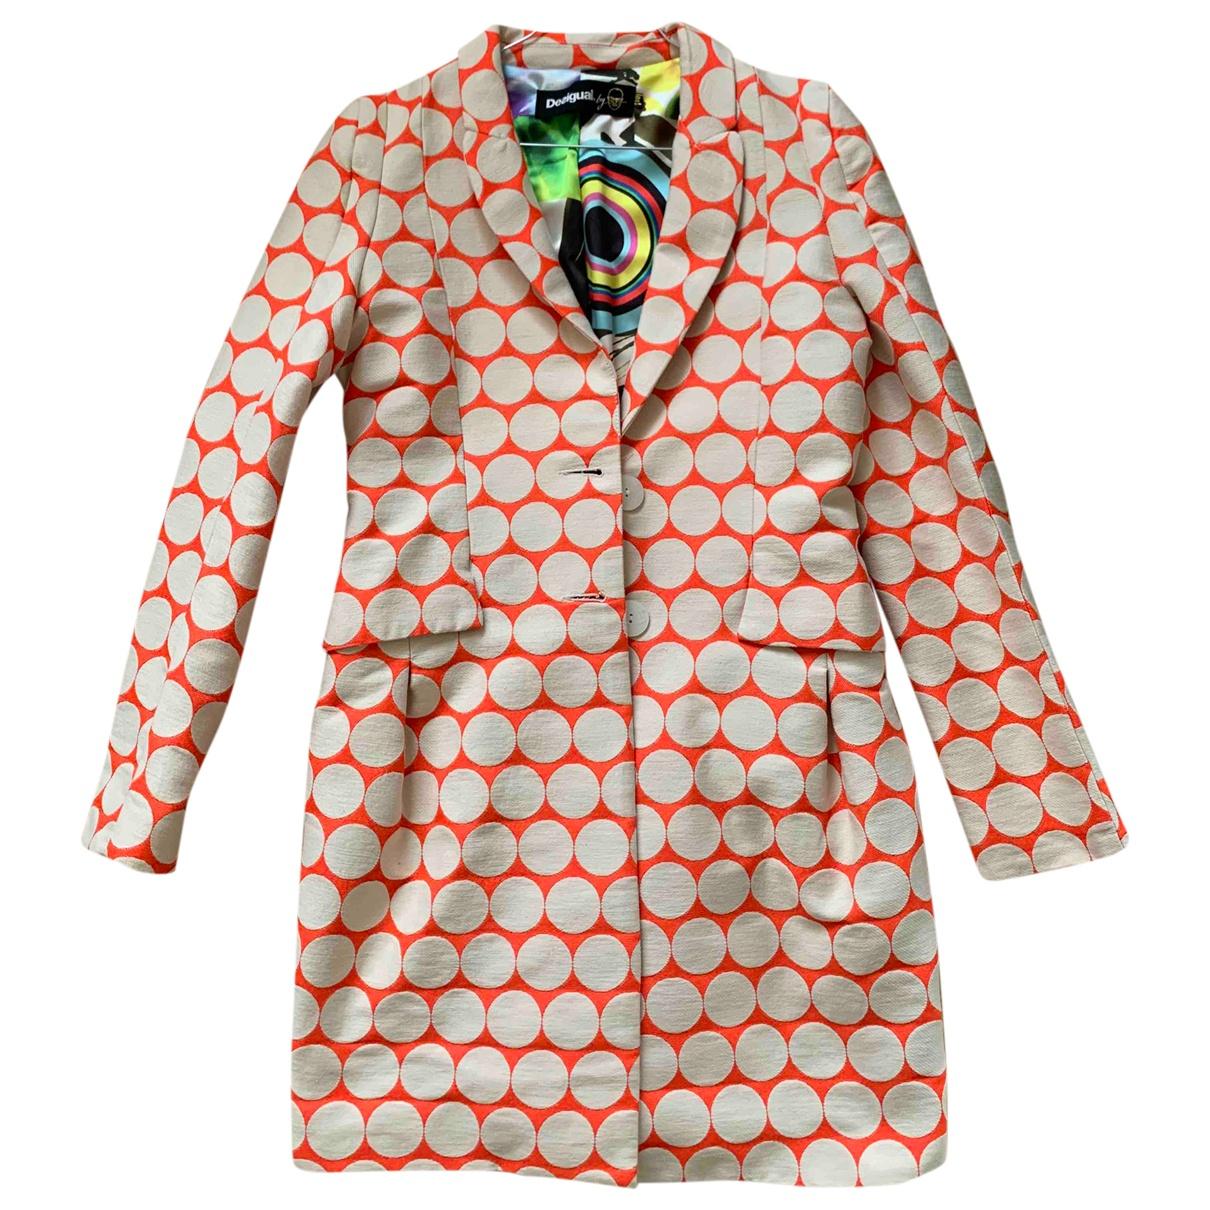 Desigual - Manteau   pour femme - orange